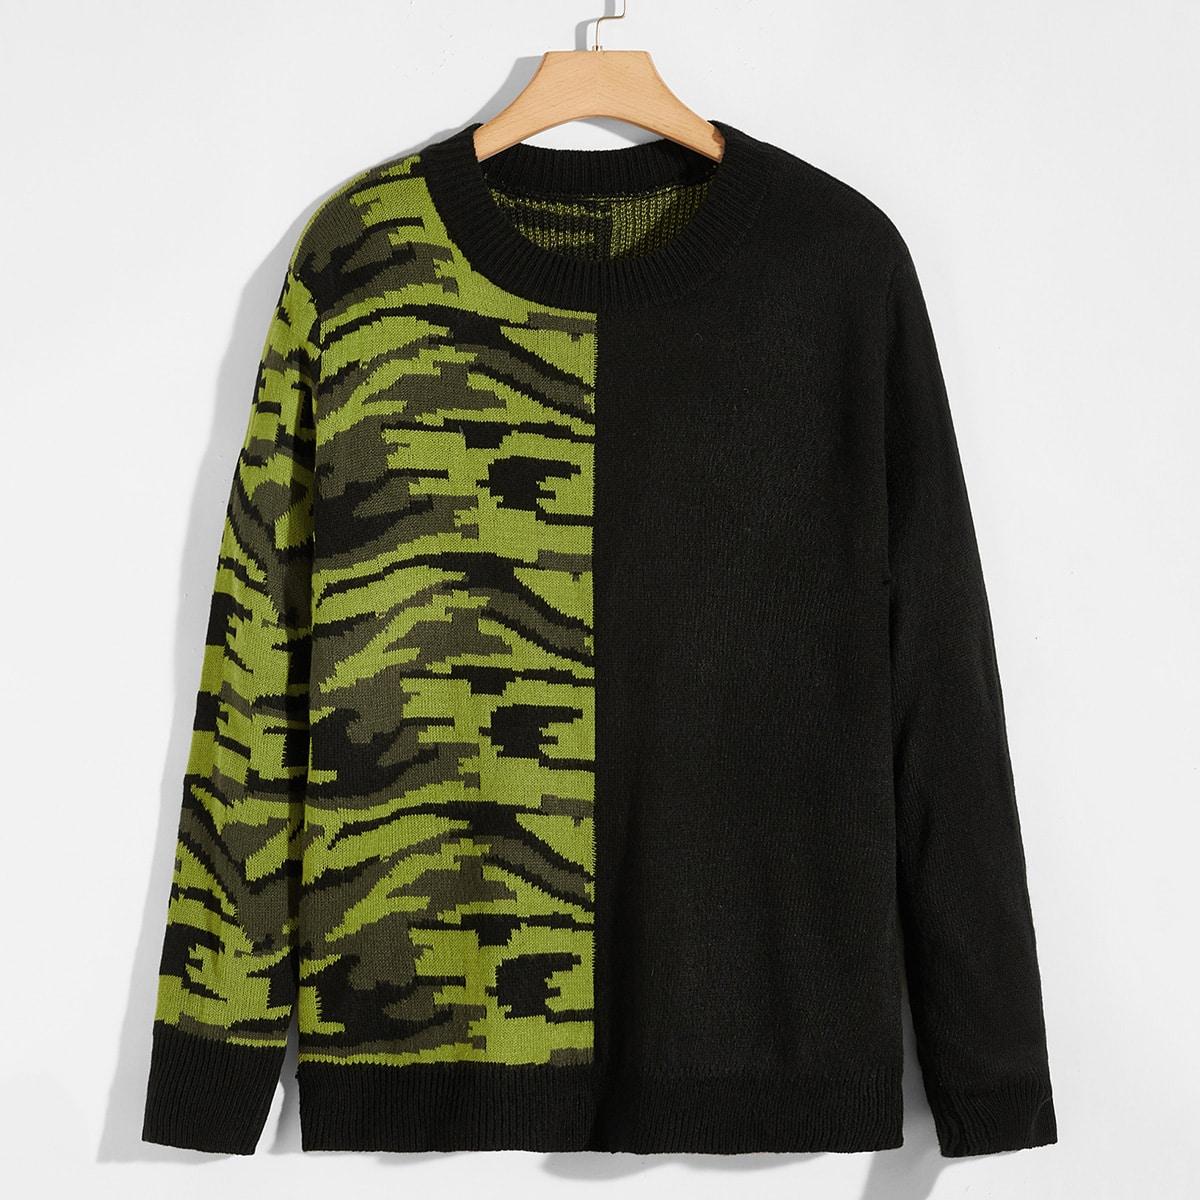 Мужской контрастный свитер с камуфляжным рисунком